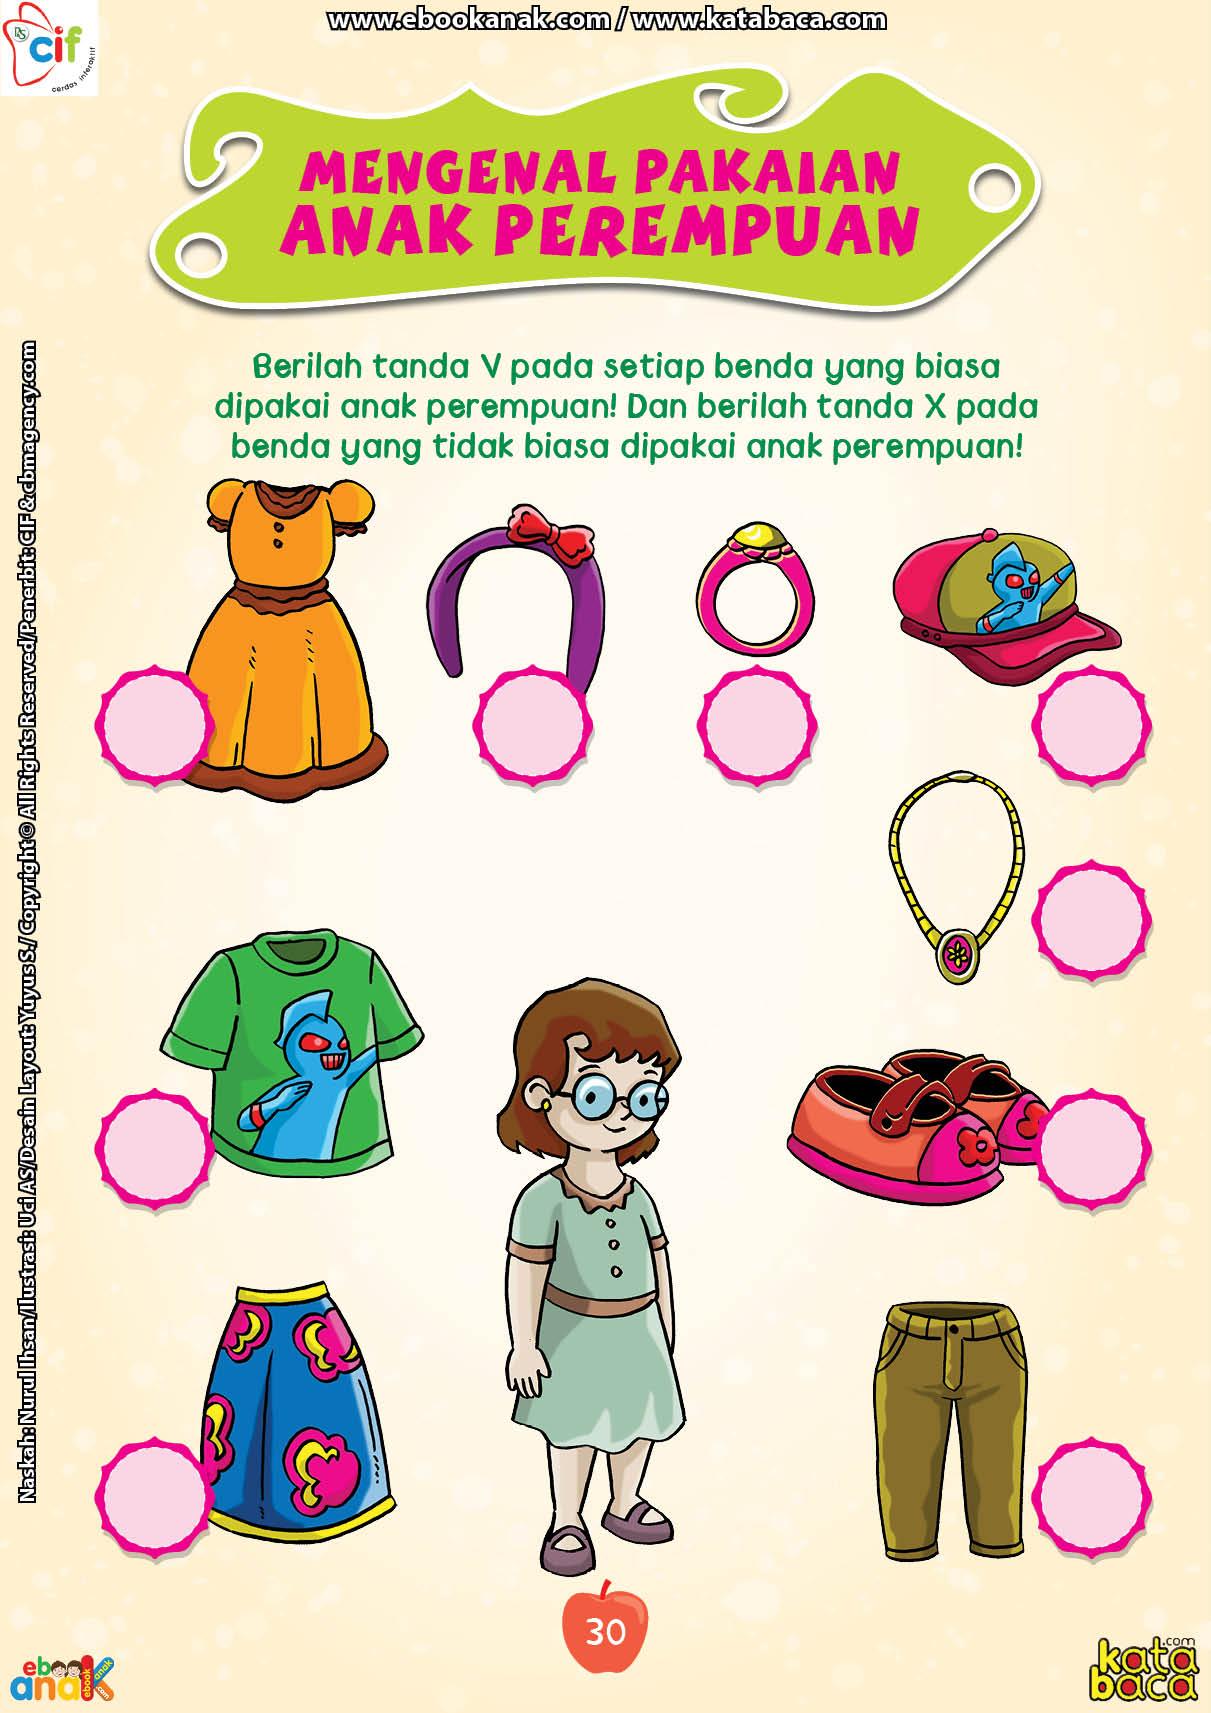 baca buku online brain games fun sains38 Mengenal Pakaian Anak Perempuan